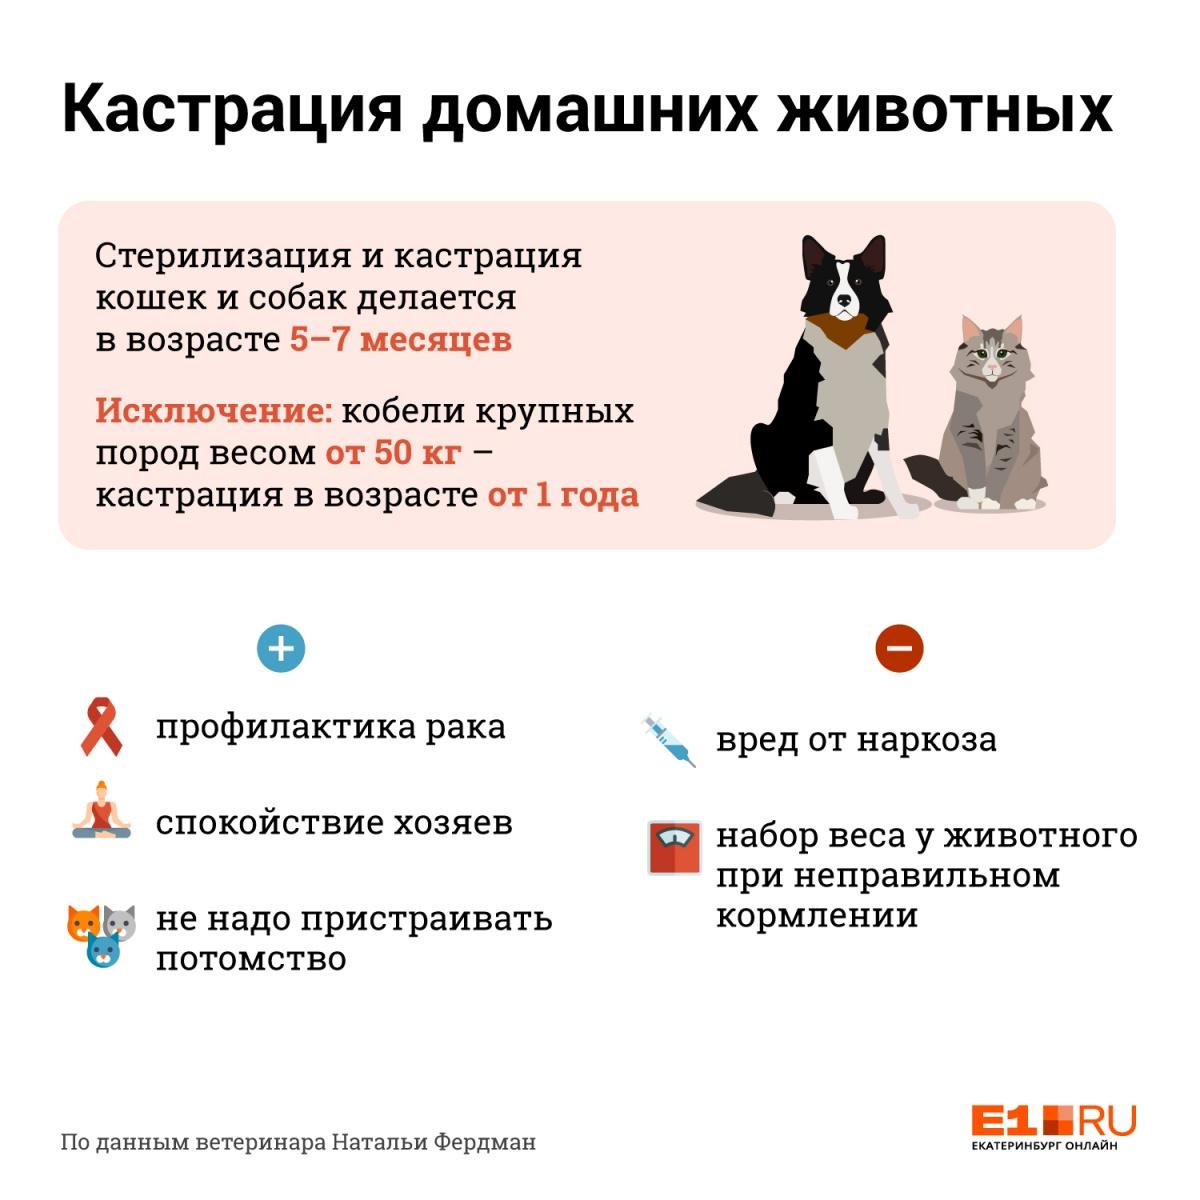 Инструкция E1.RU: когда нужно кастрировать домашних животных и зачем вообще это делать